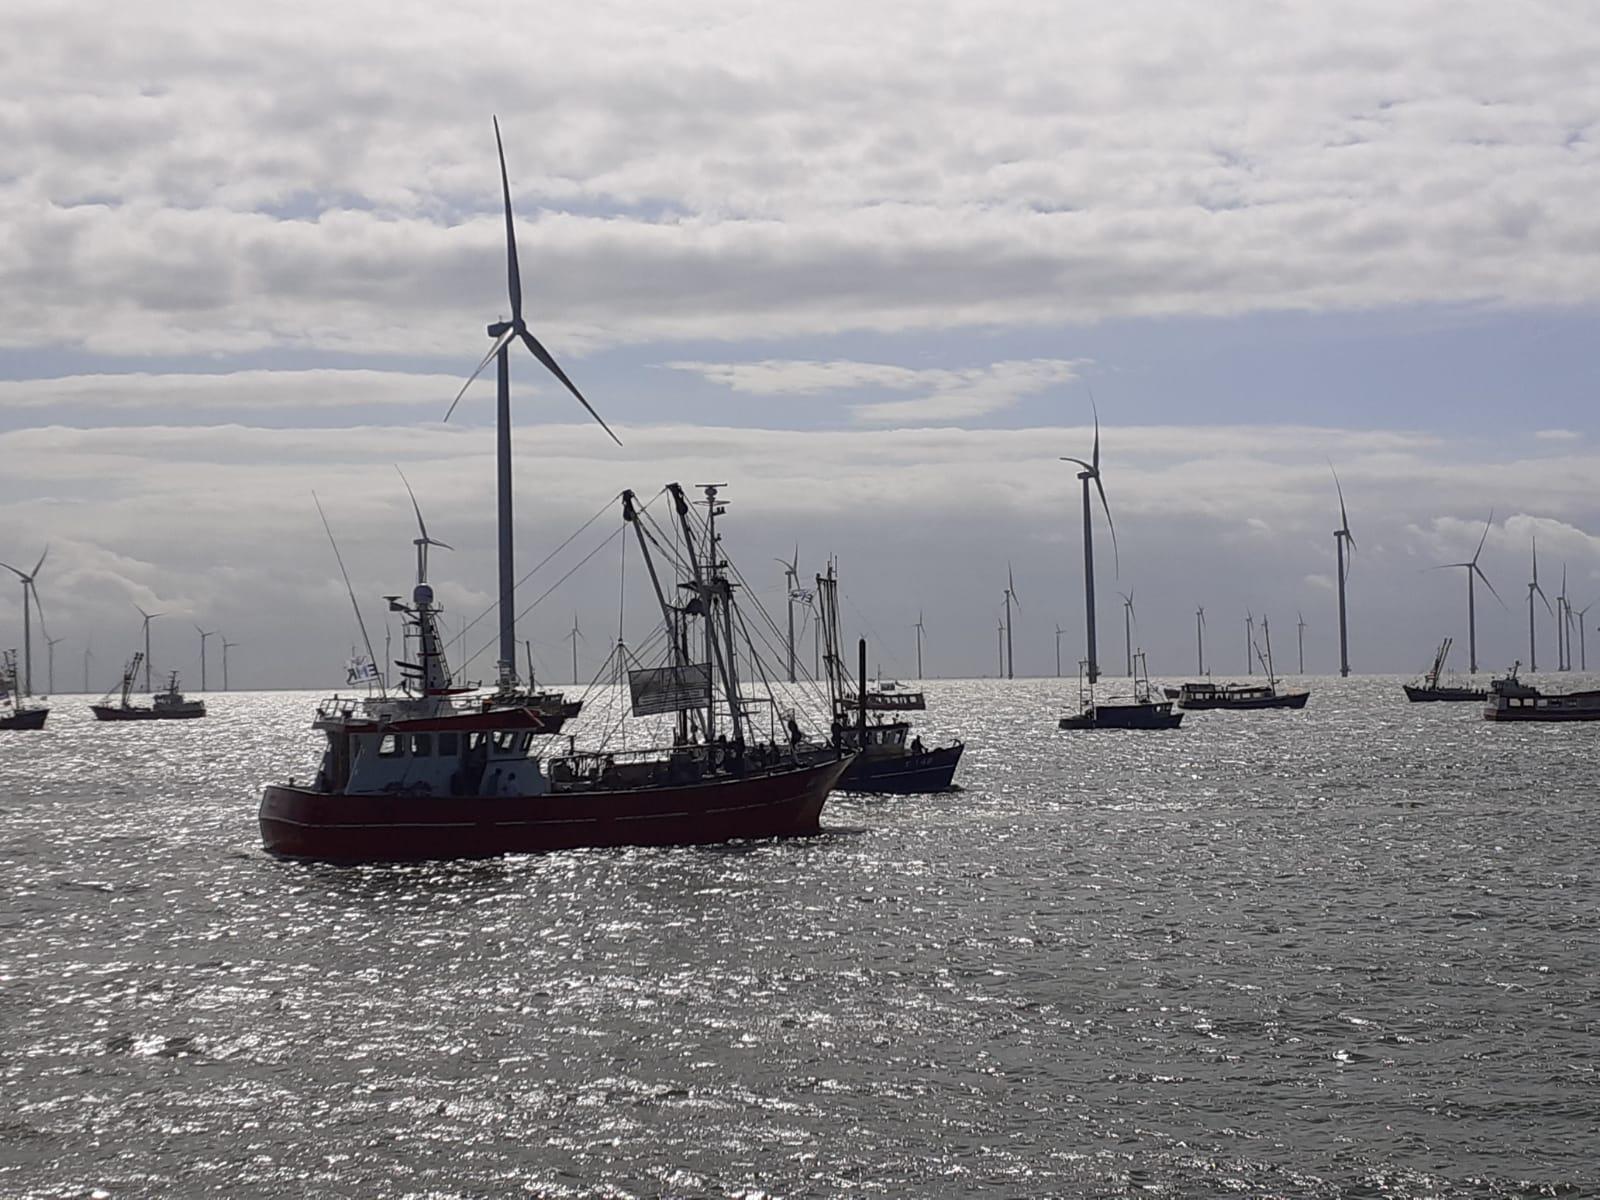 Tegen de achtergrond van het grote windpark Fryslân op het IJsselmeer verzamelen zich zo'n 60 kotters. (Foto W.M. den Heijer)